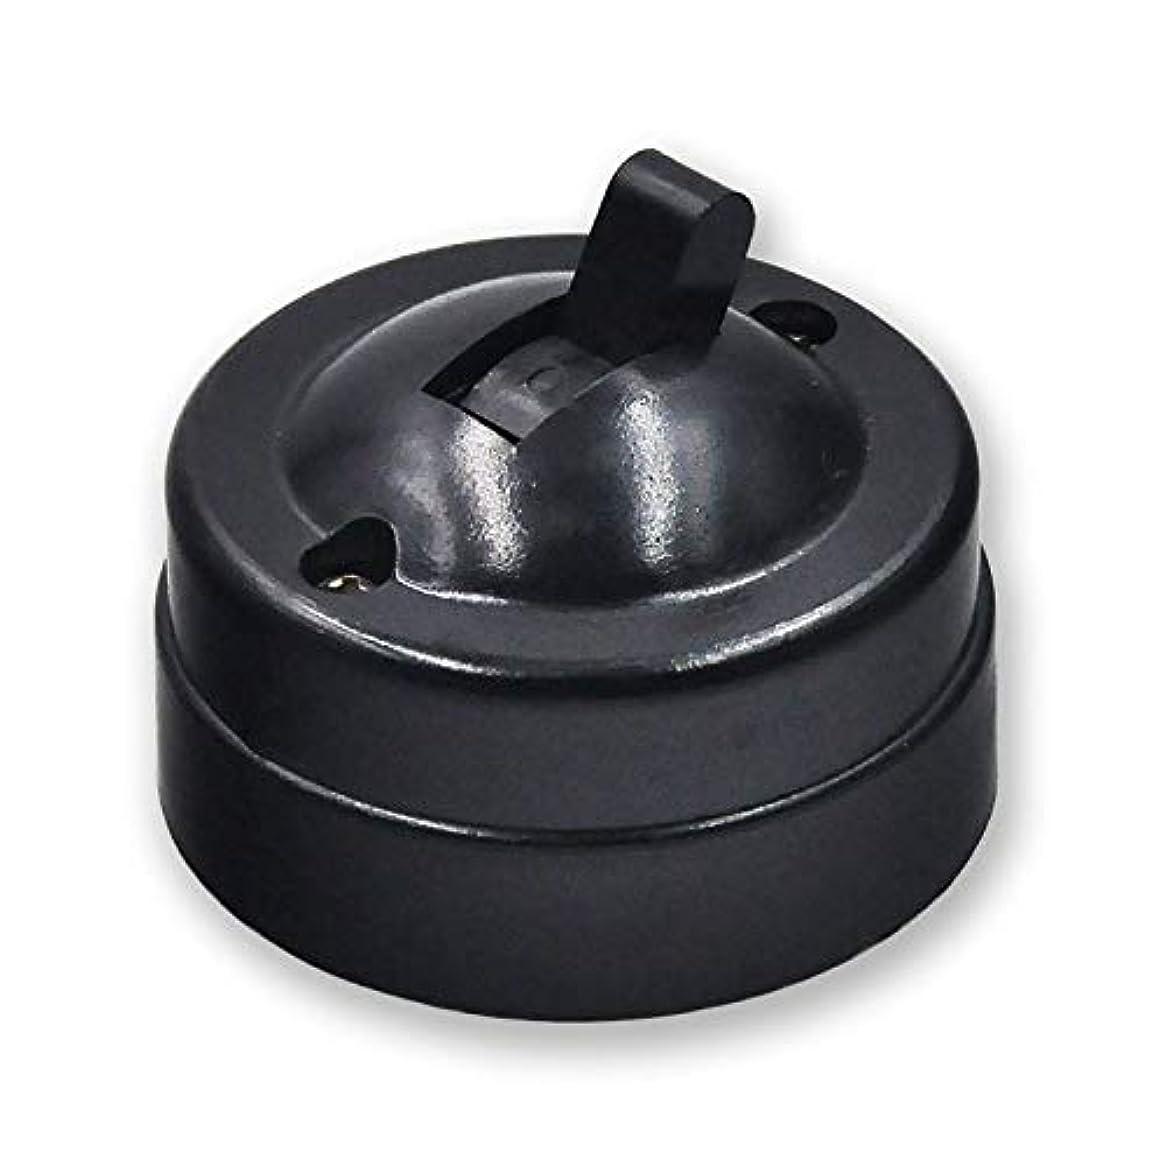 金額ほめる見物人10個入りレトロタイプウォールライトトグルスイッチテーブルランプのオン/オフは、ラウンドベークライトスイッチブラックホワイトブラウン6A250Vをマウント (Color : ブラック)